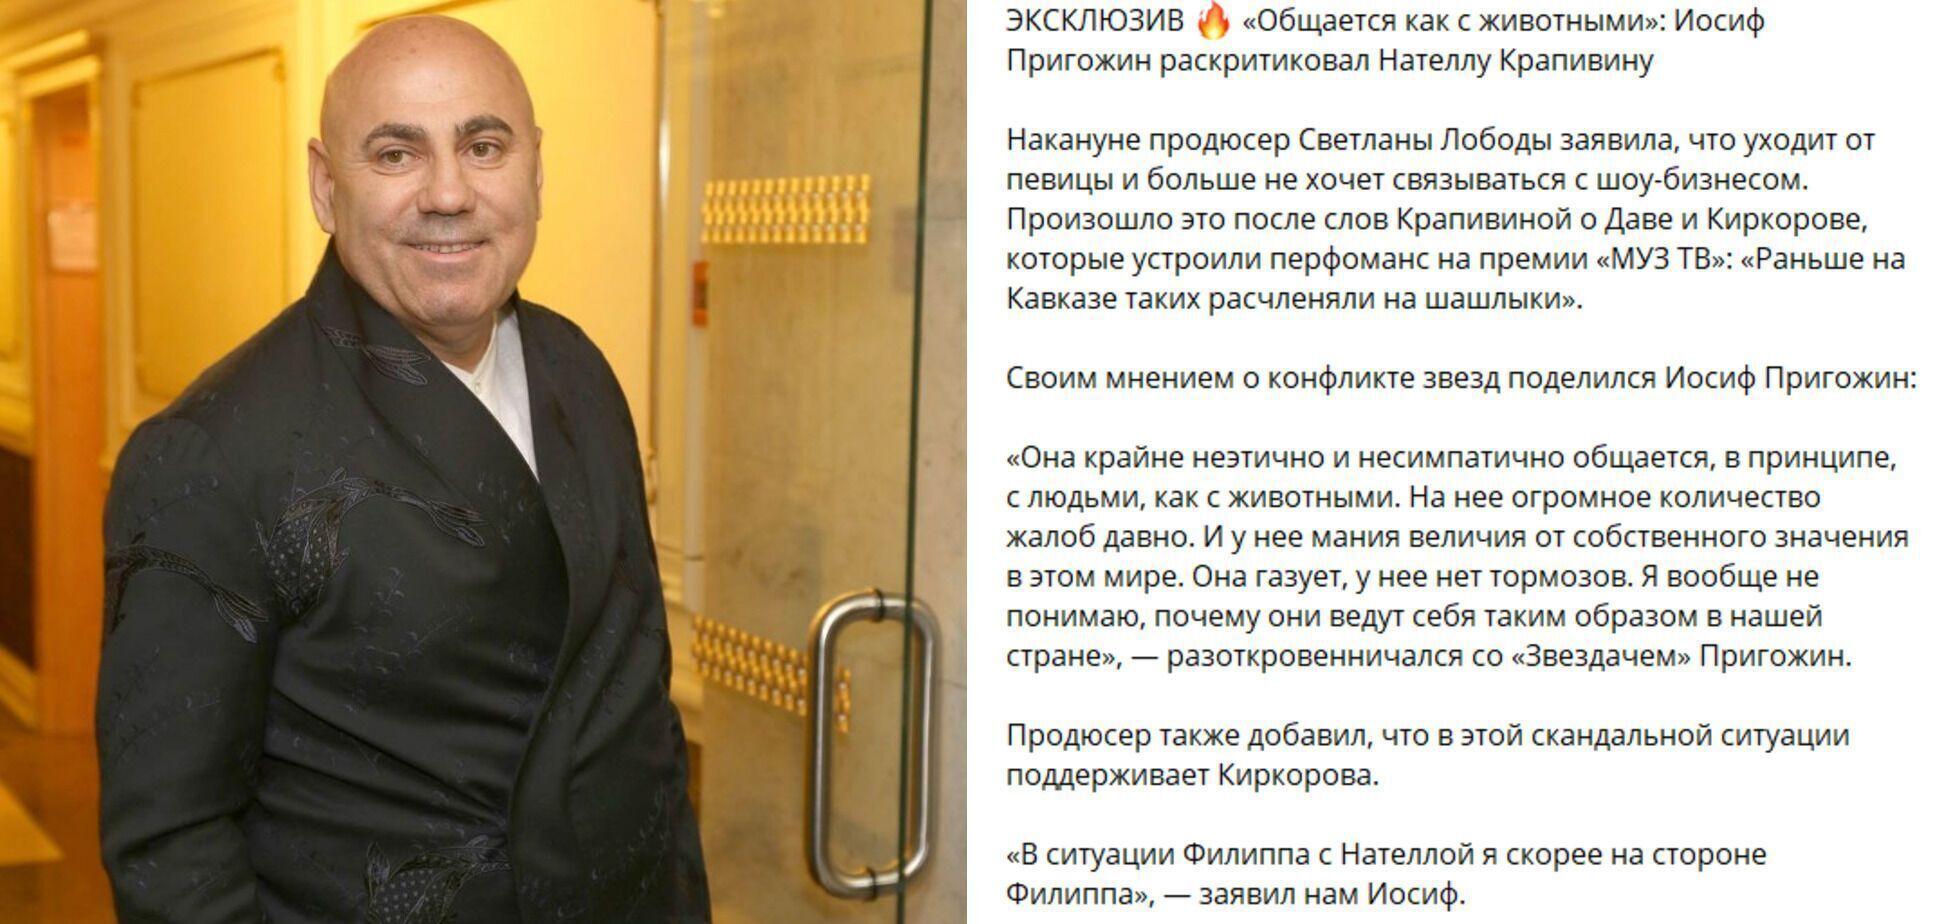 Пригожин висловився про скандал між Крапівіною і Кіркоровим